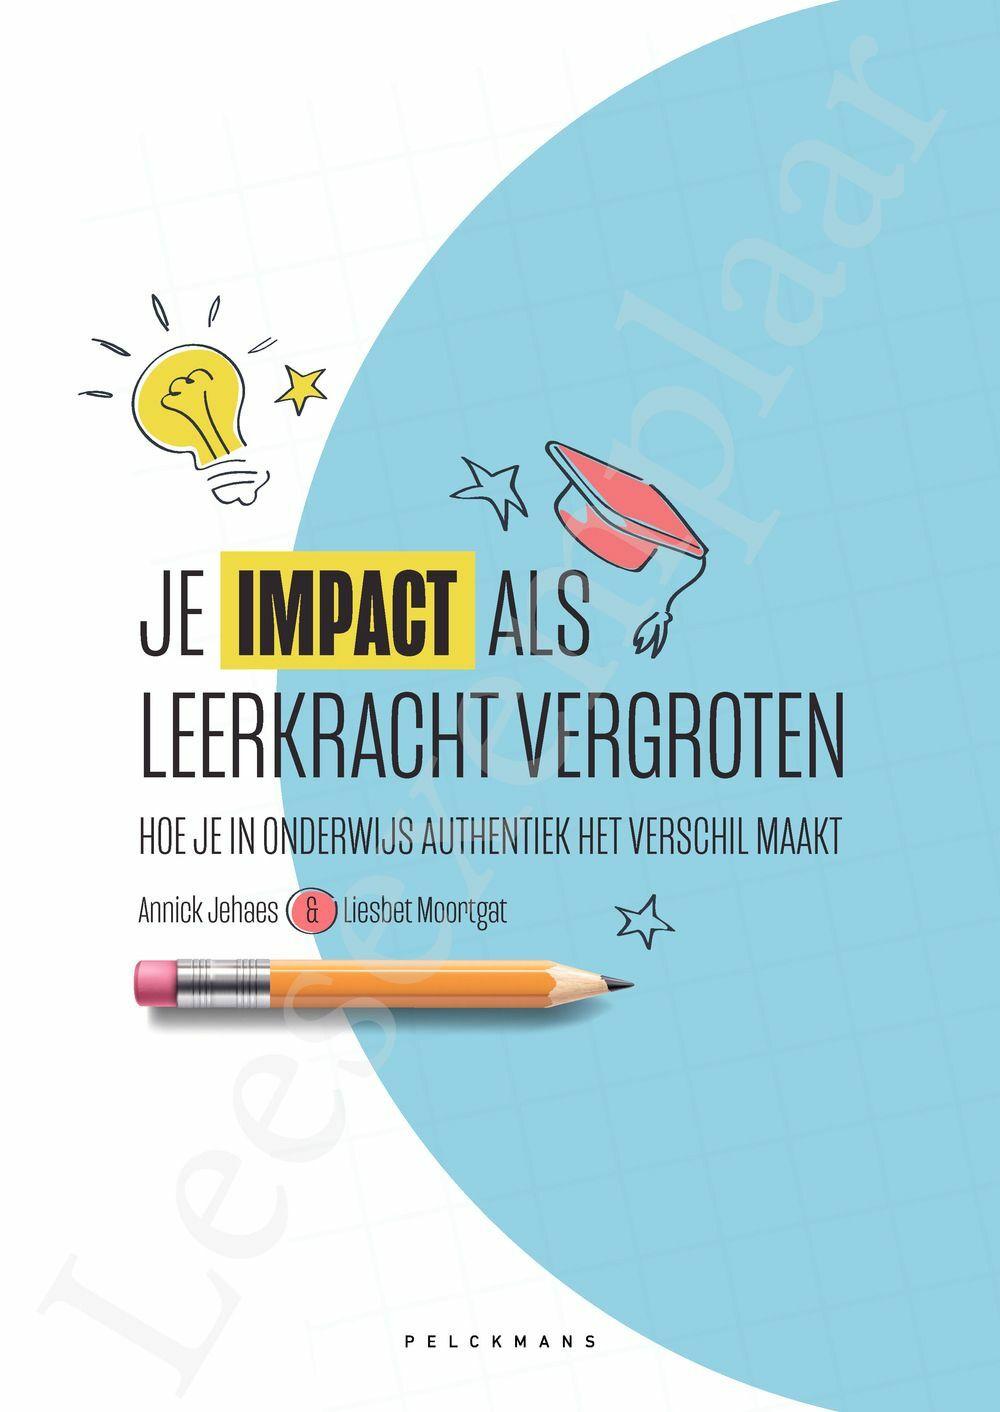 Preview: Je impact als leerkracht vergroten